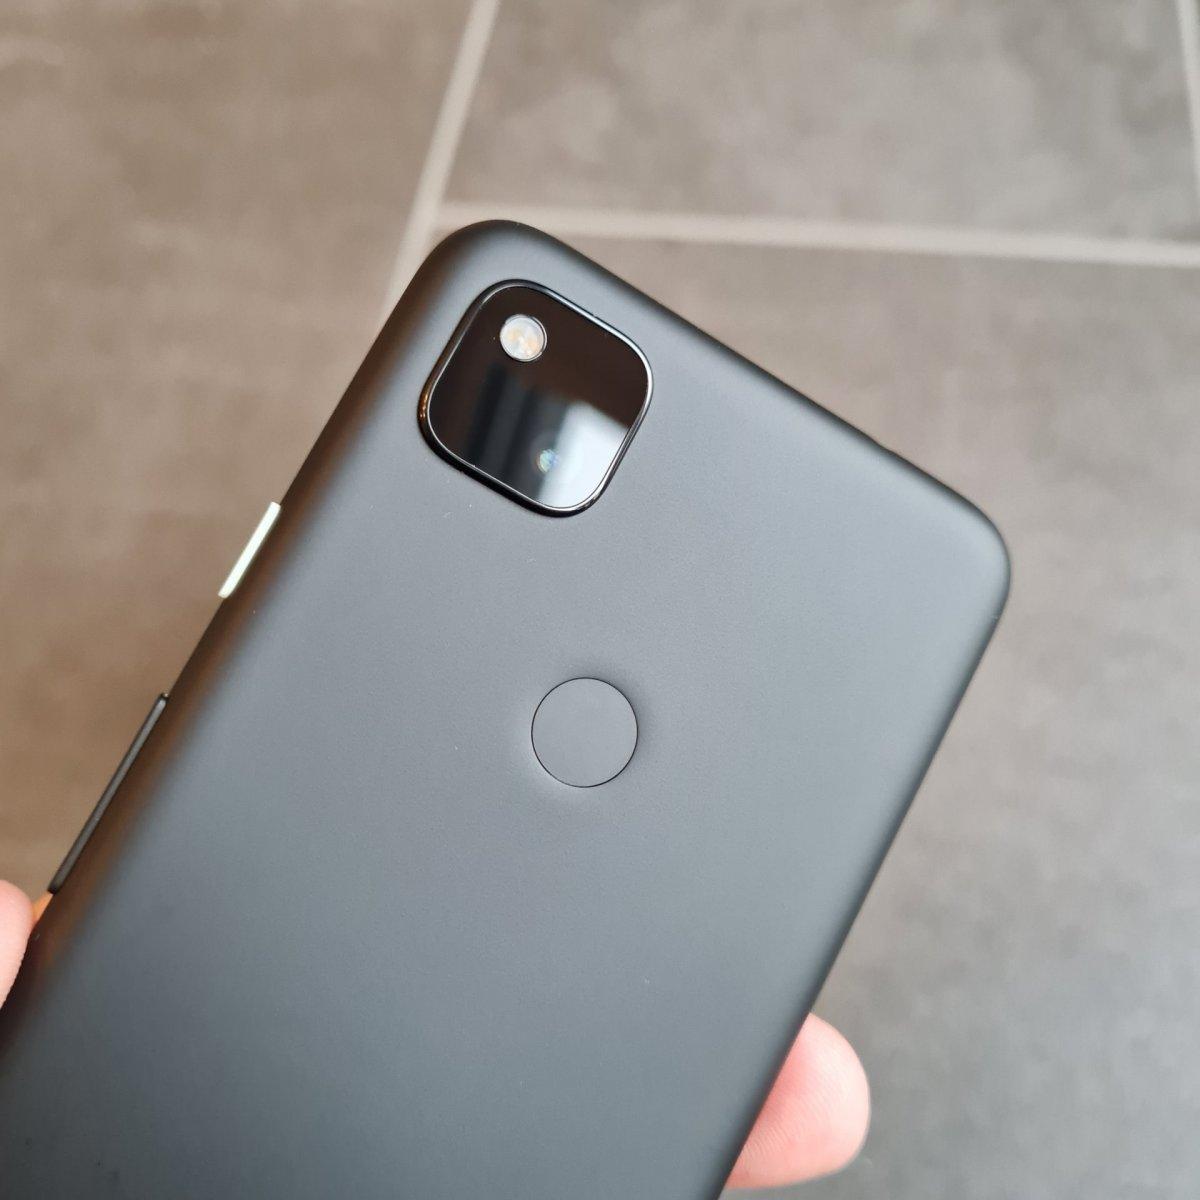 Google Pixel 4a - Rückseite mit Kamera und Fingerabdruckscanner